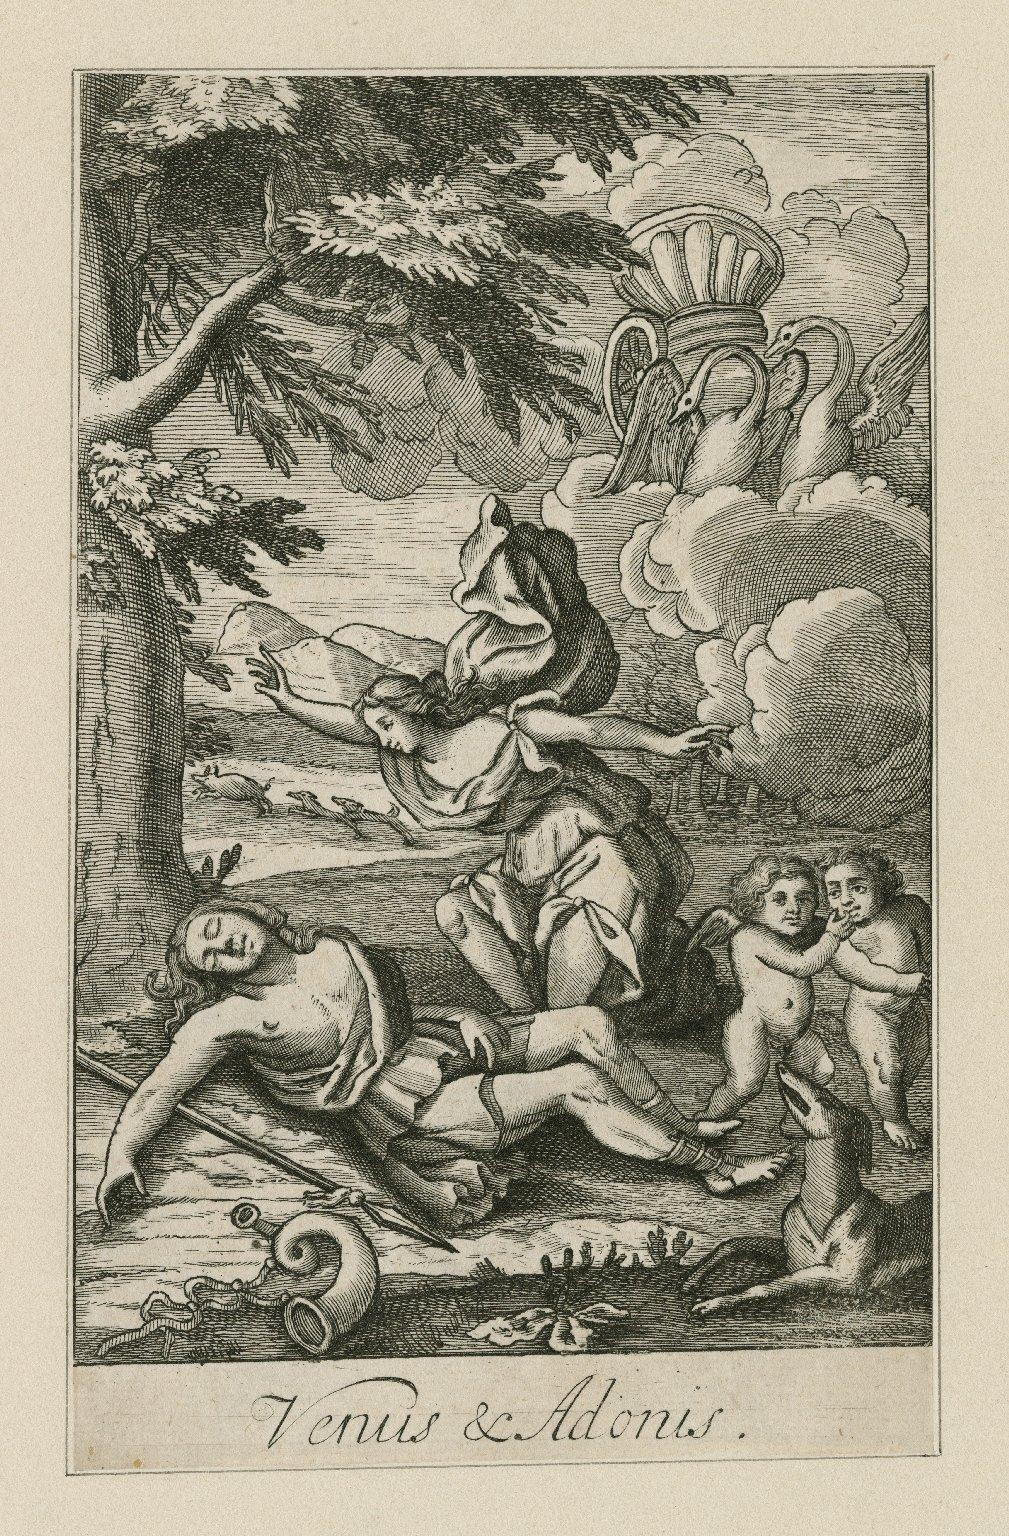 Venus & Adonis [graphic].